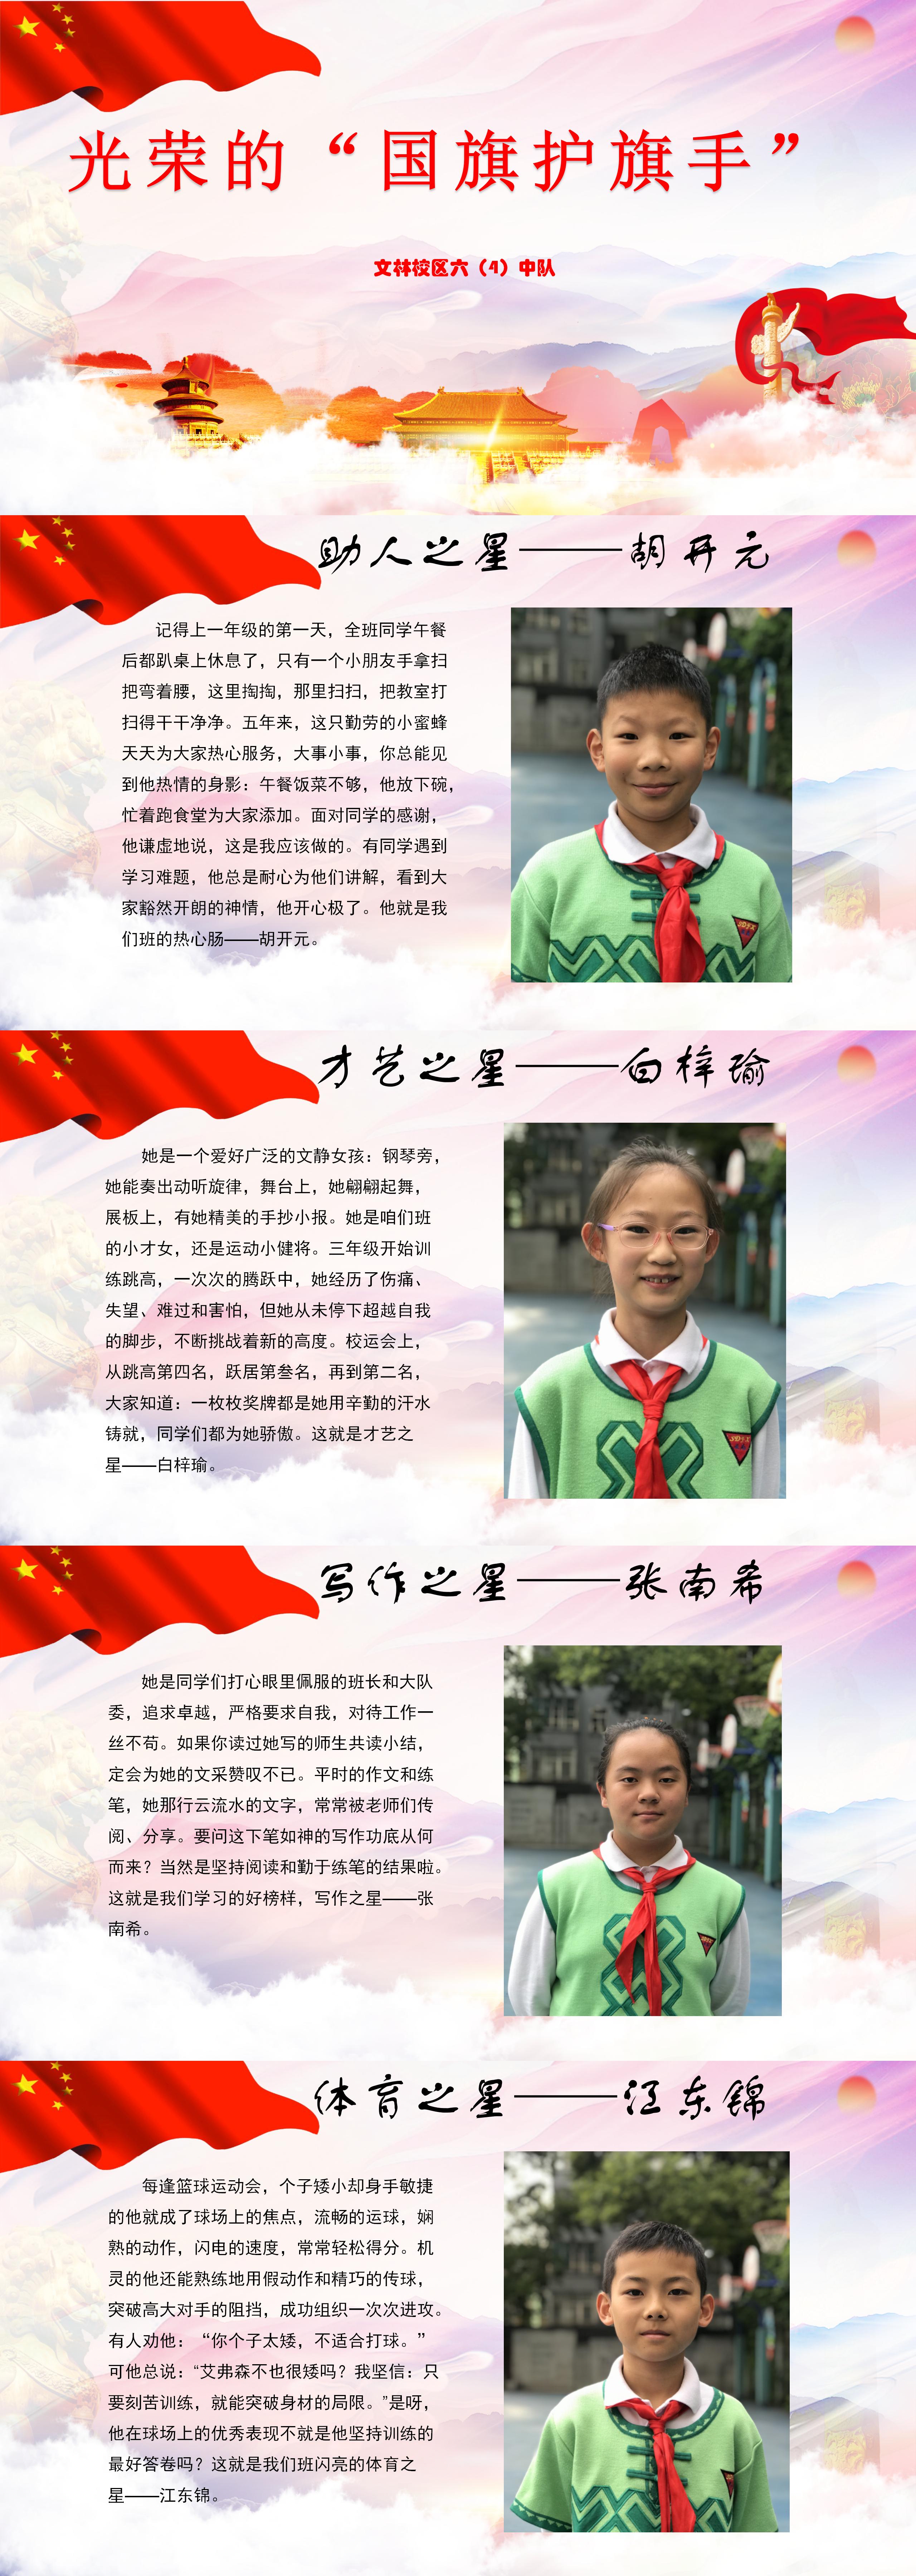 1_国旗护旗手网站上传_01.png